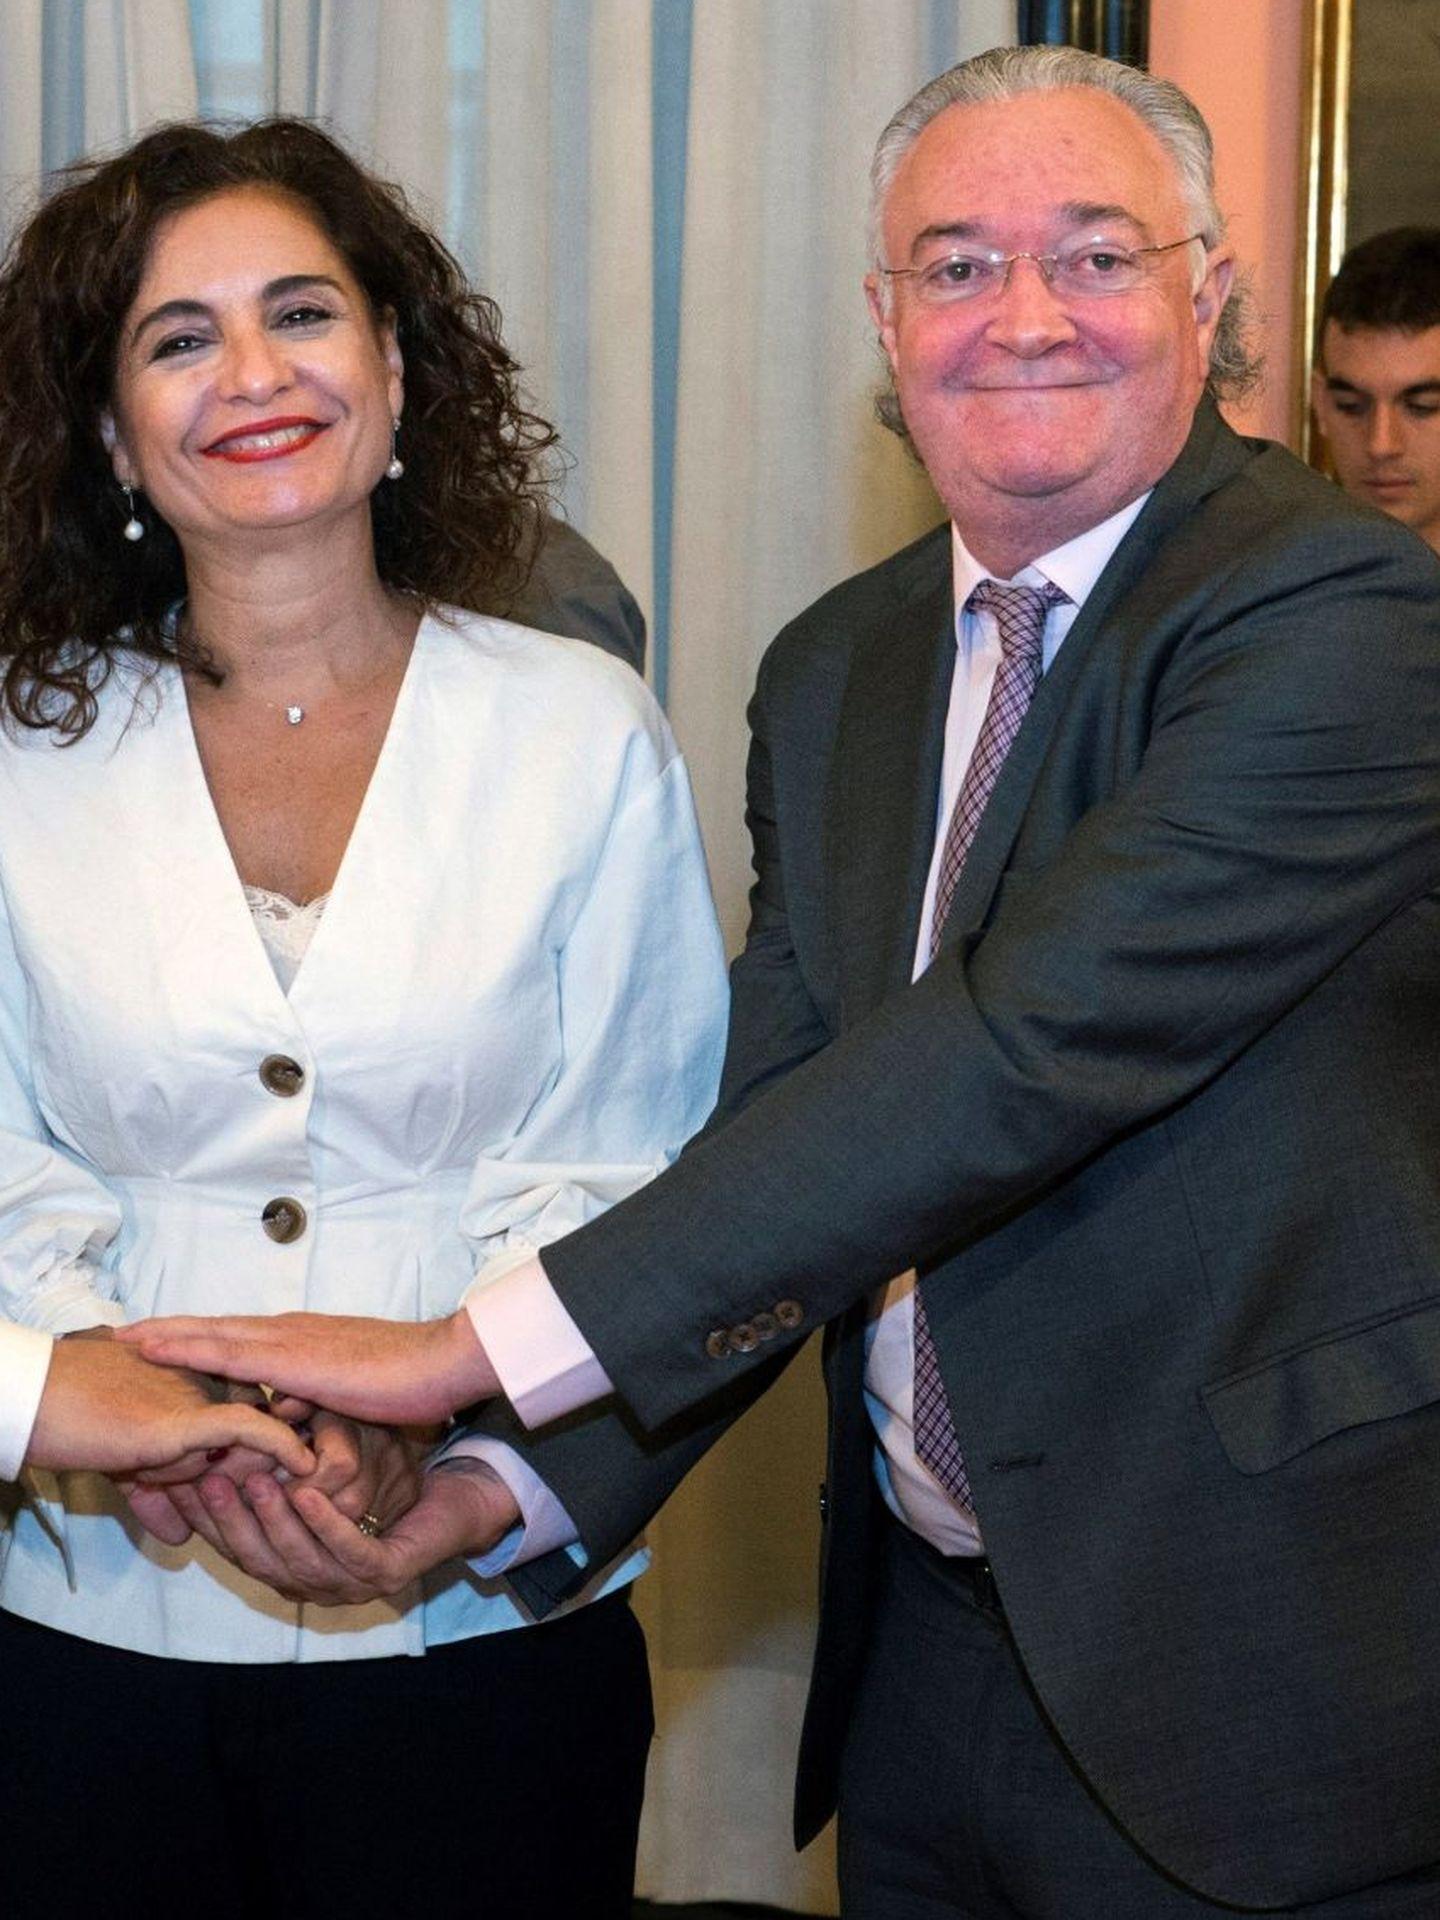 Foto de archivo de la ministra de Hacienda, María Jesús Montero, y Jesús Huerta Almendro, presidente de la Sociedad Estatal Loterías y Apuestas del Estado. (EFE)